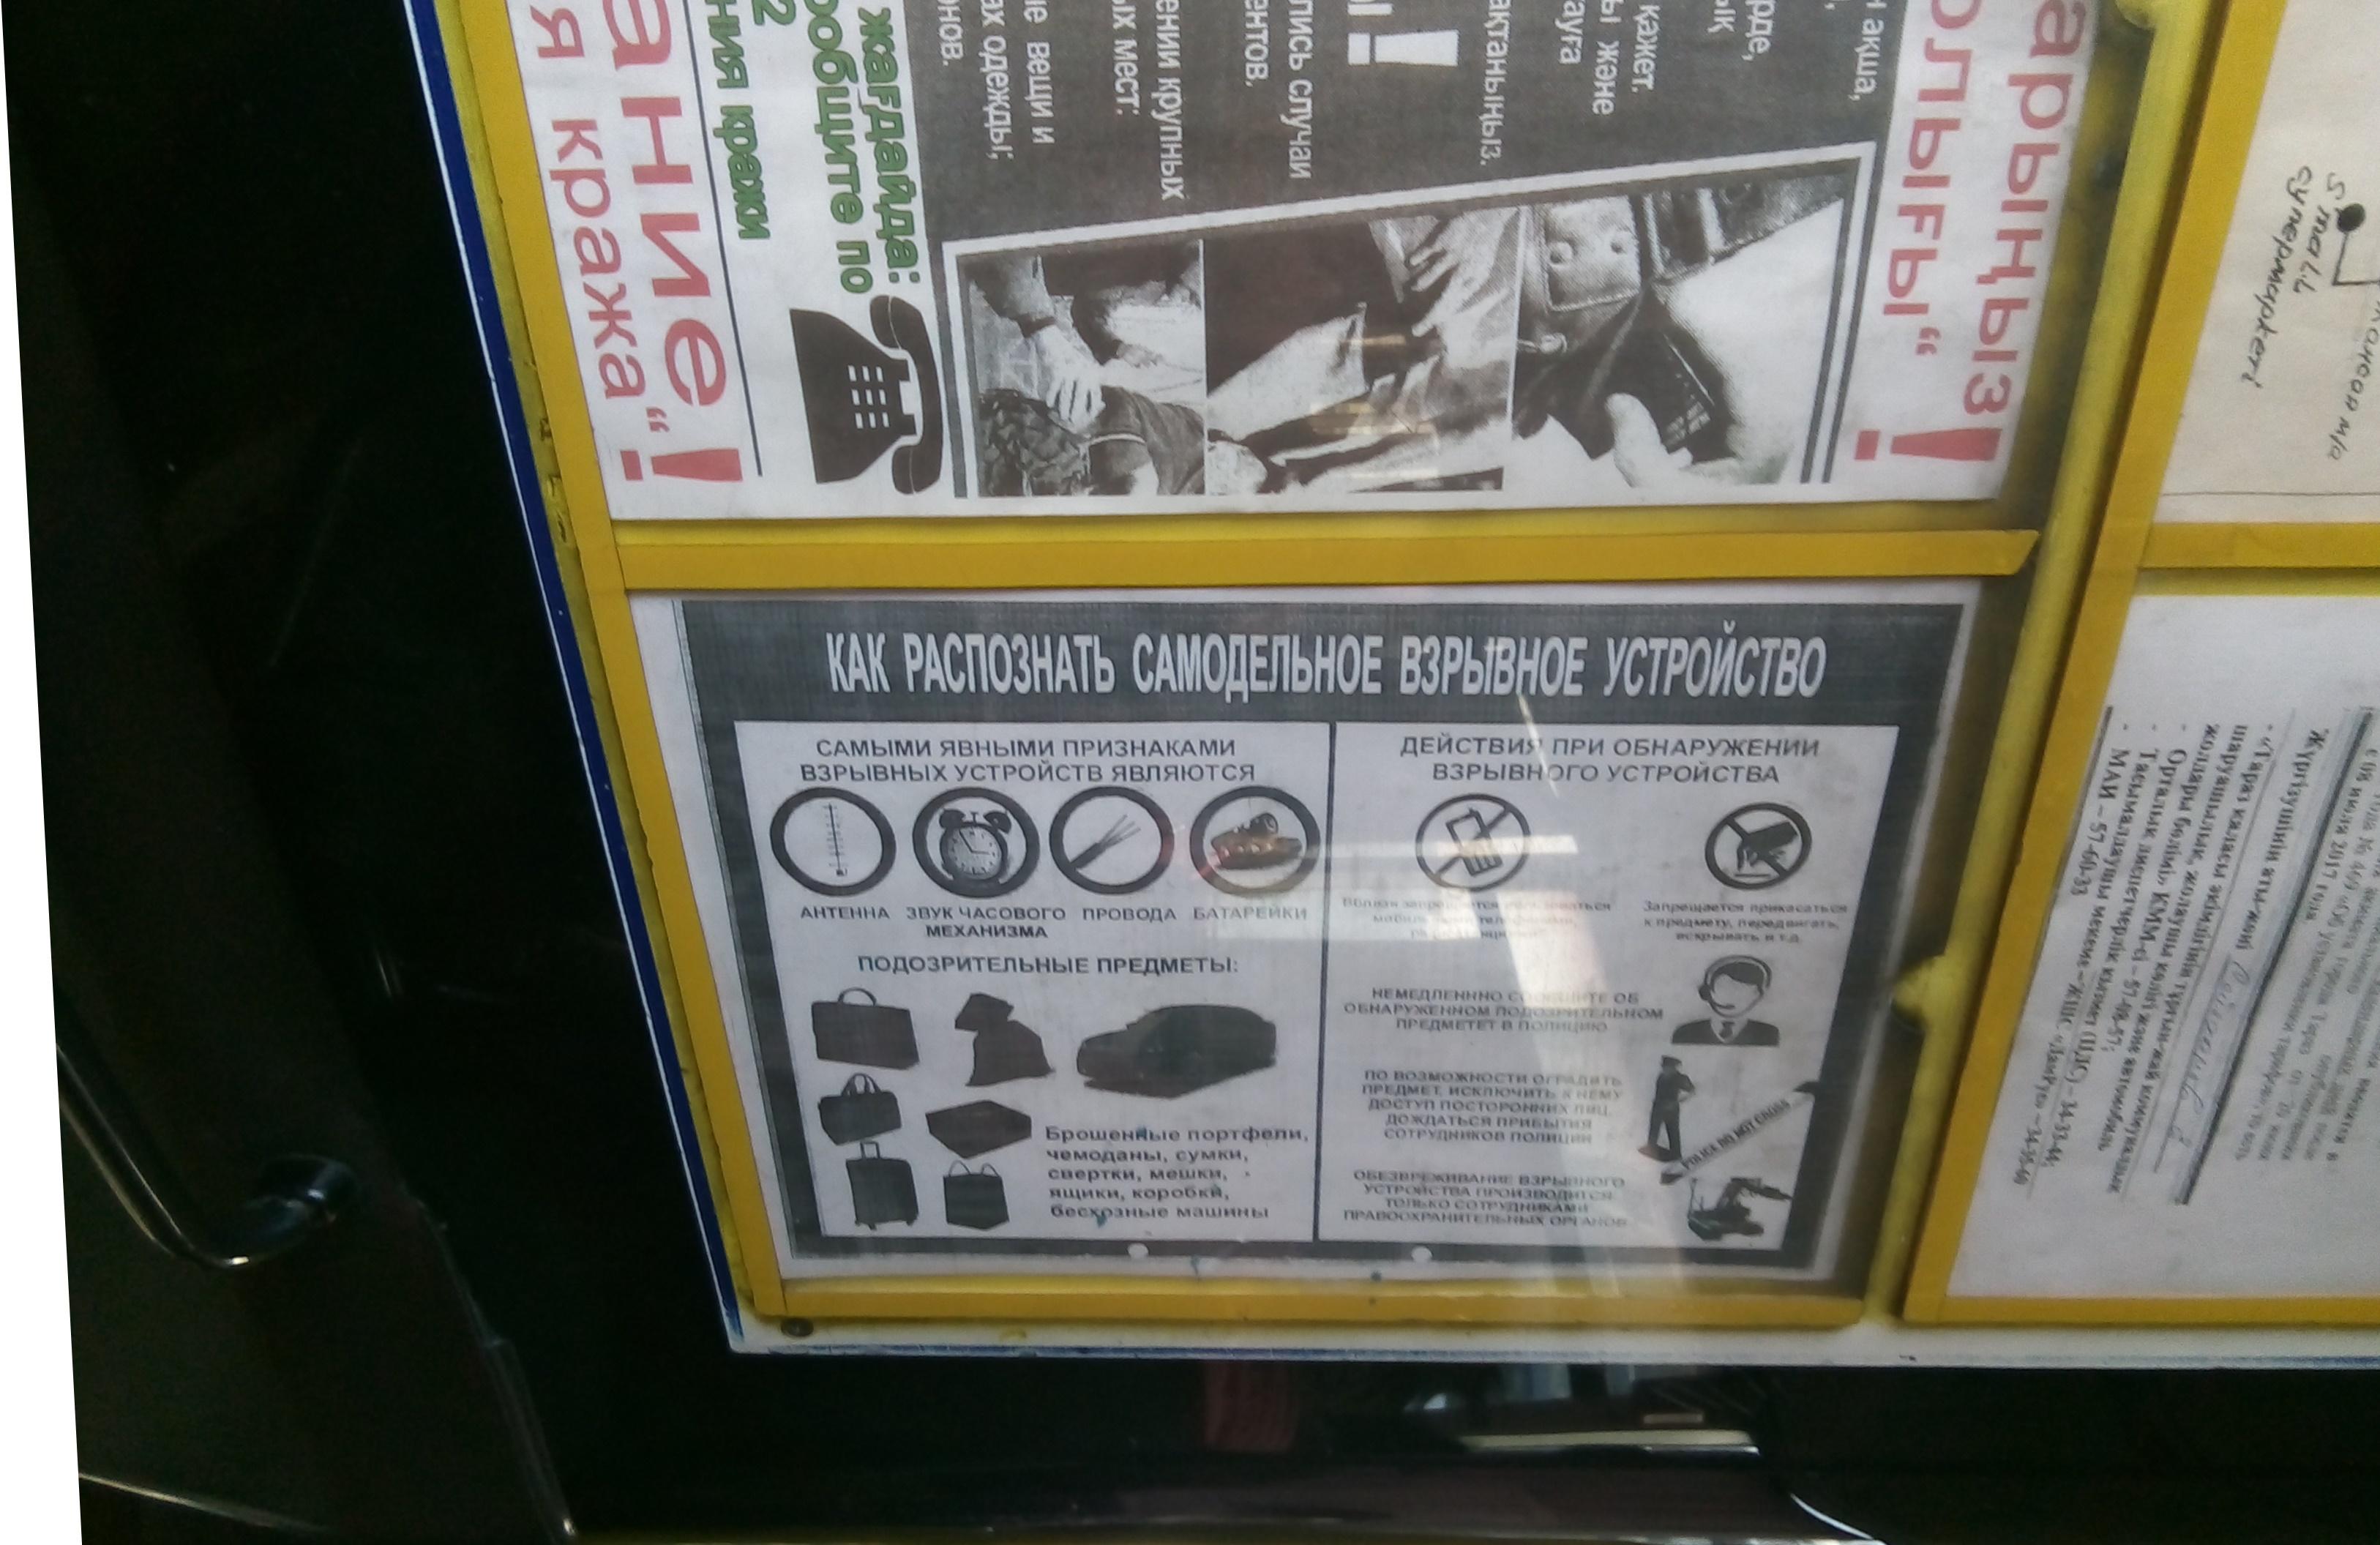 Антитеррористический плакат в общественном автобусе. Астана, 8 февраля. Предупреждающие об угрозах терроризма листовки расклеены в автобусах, в магазинах, на улицах казахстанских городов.[Александр Богатик]